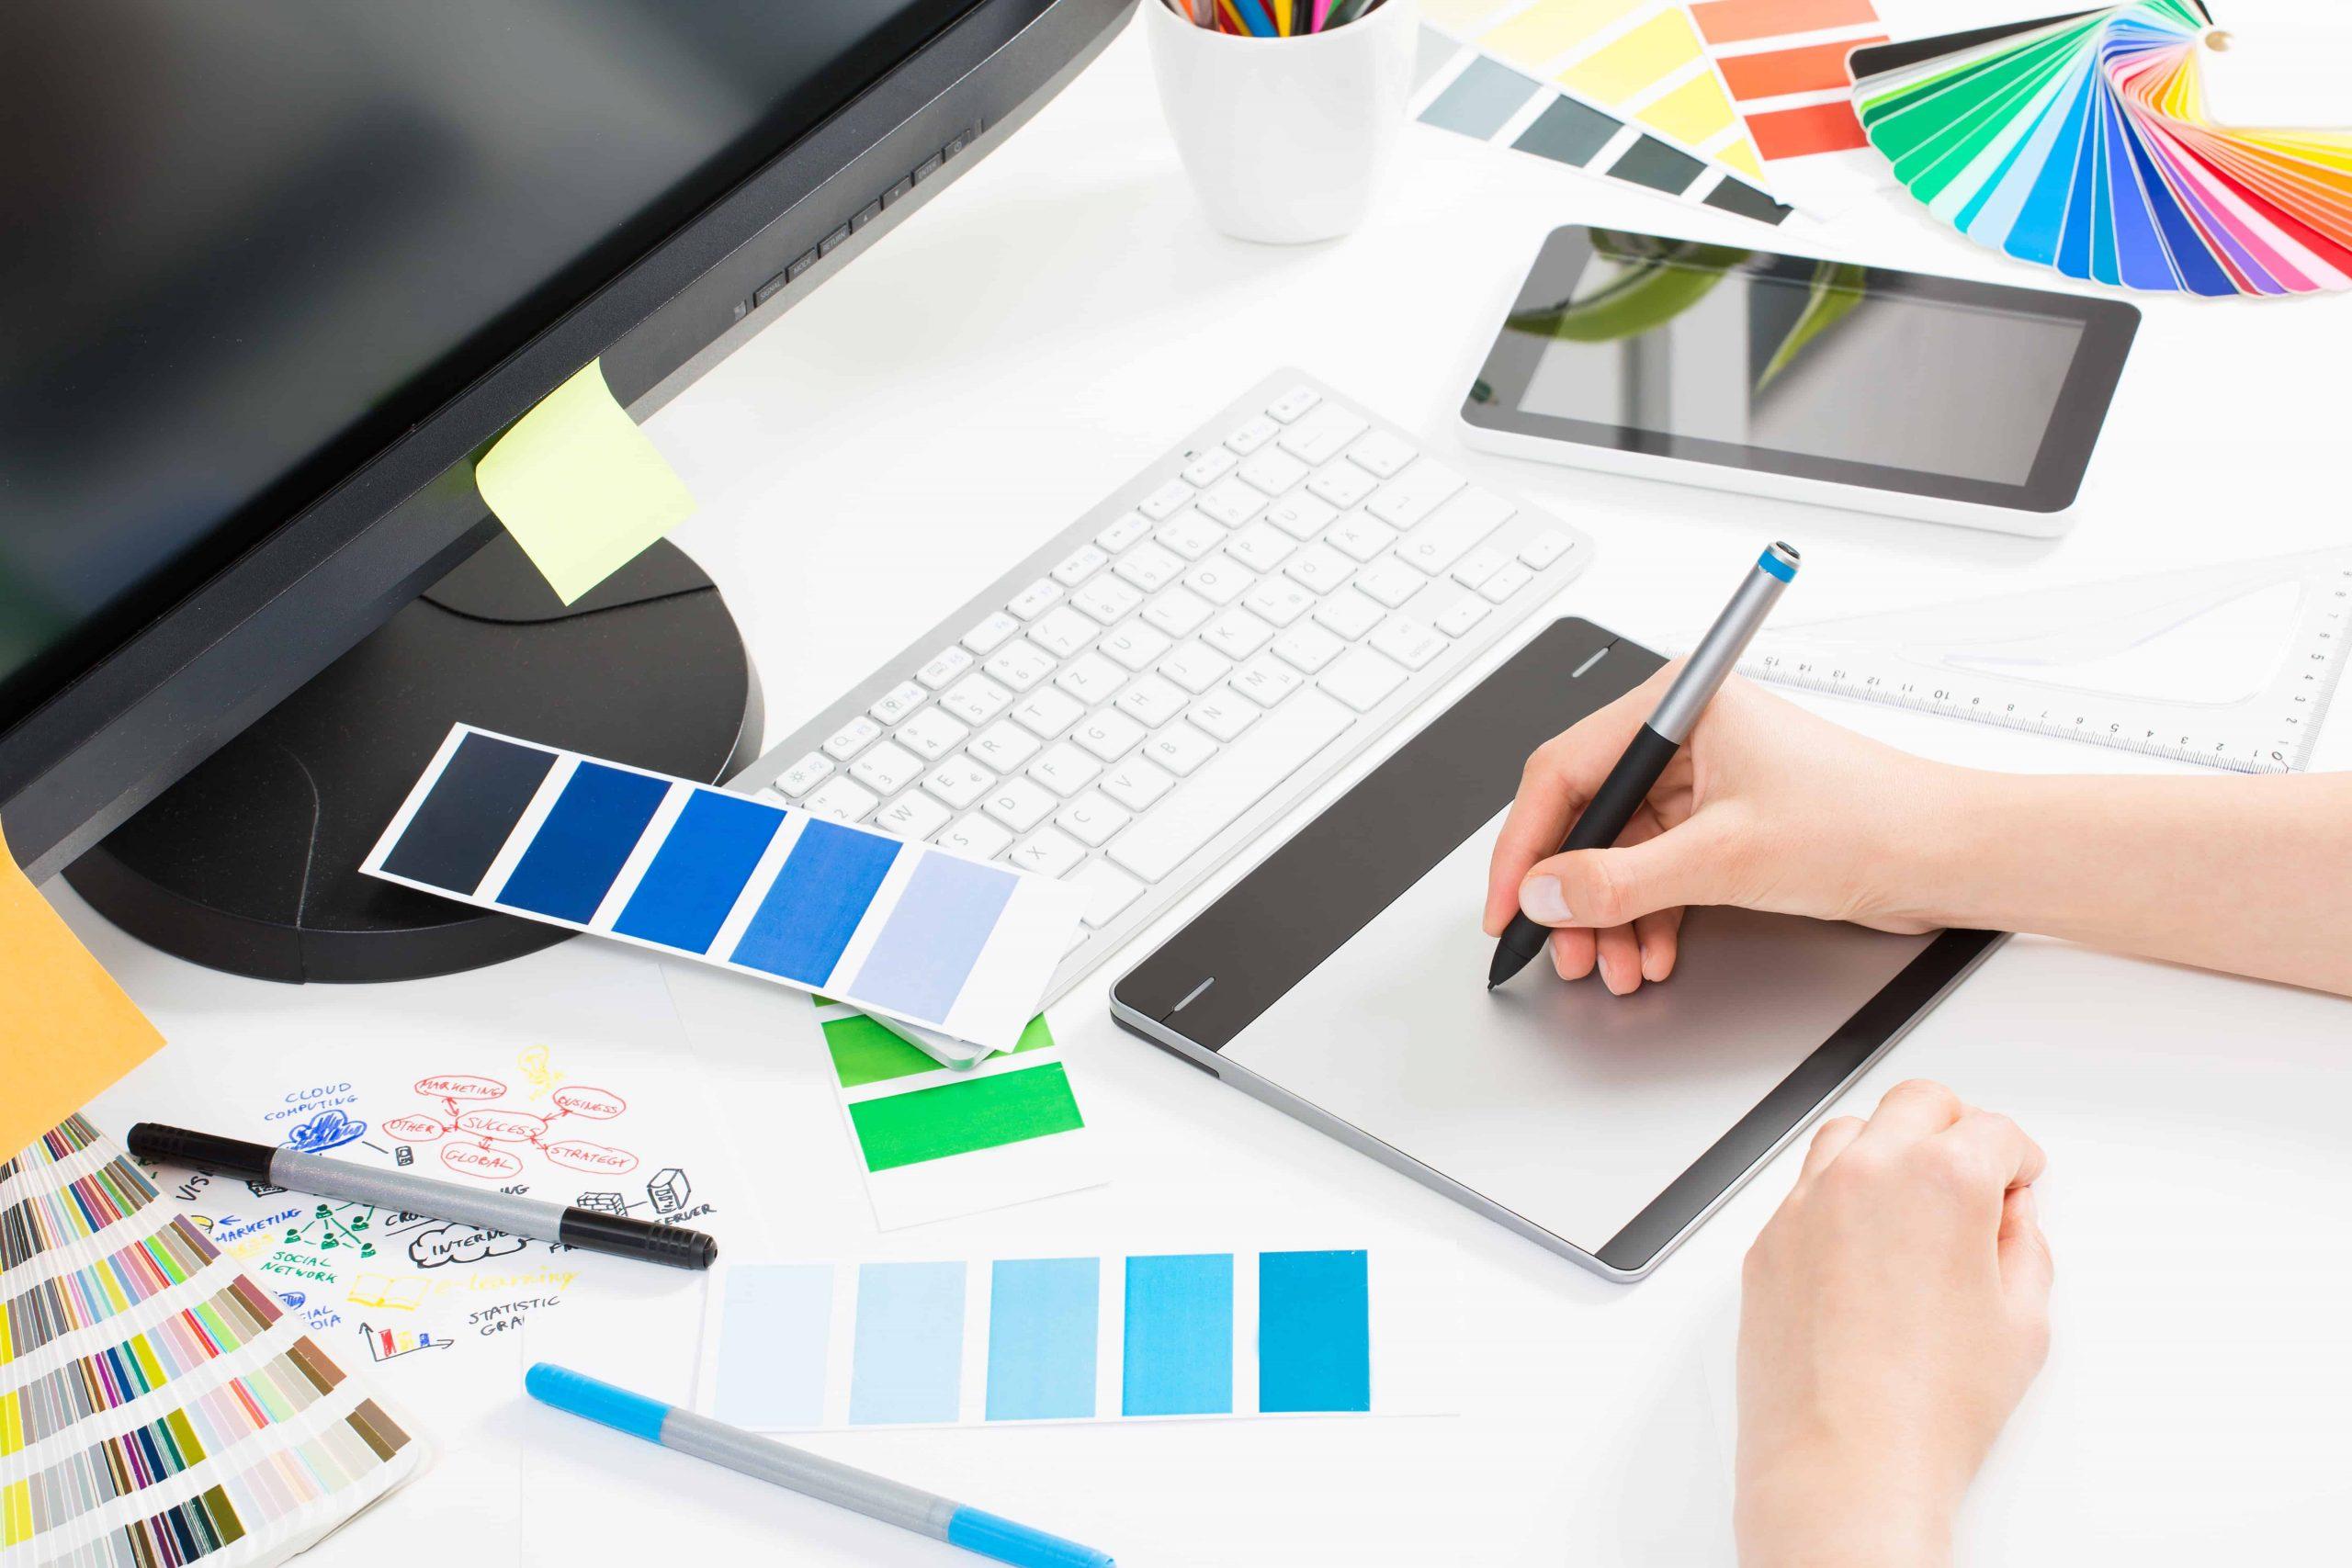 Migliore penna touch 2020: Guida all'acquisto